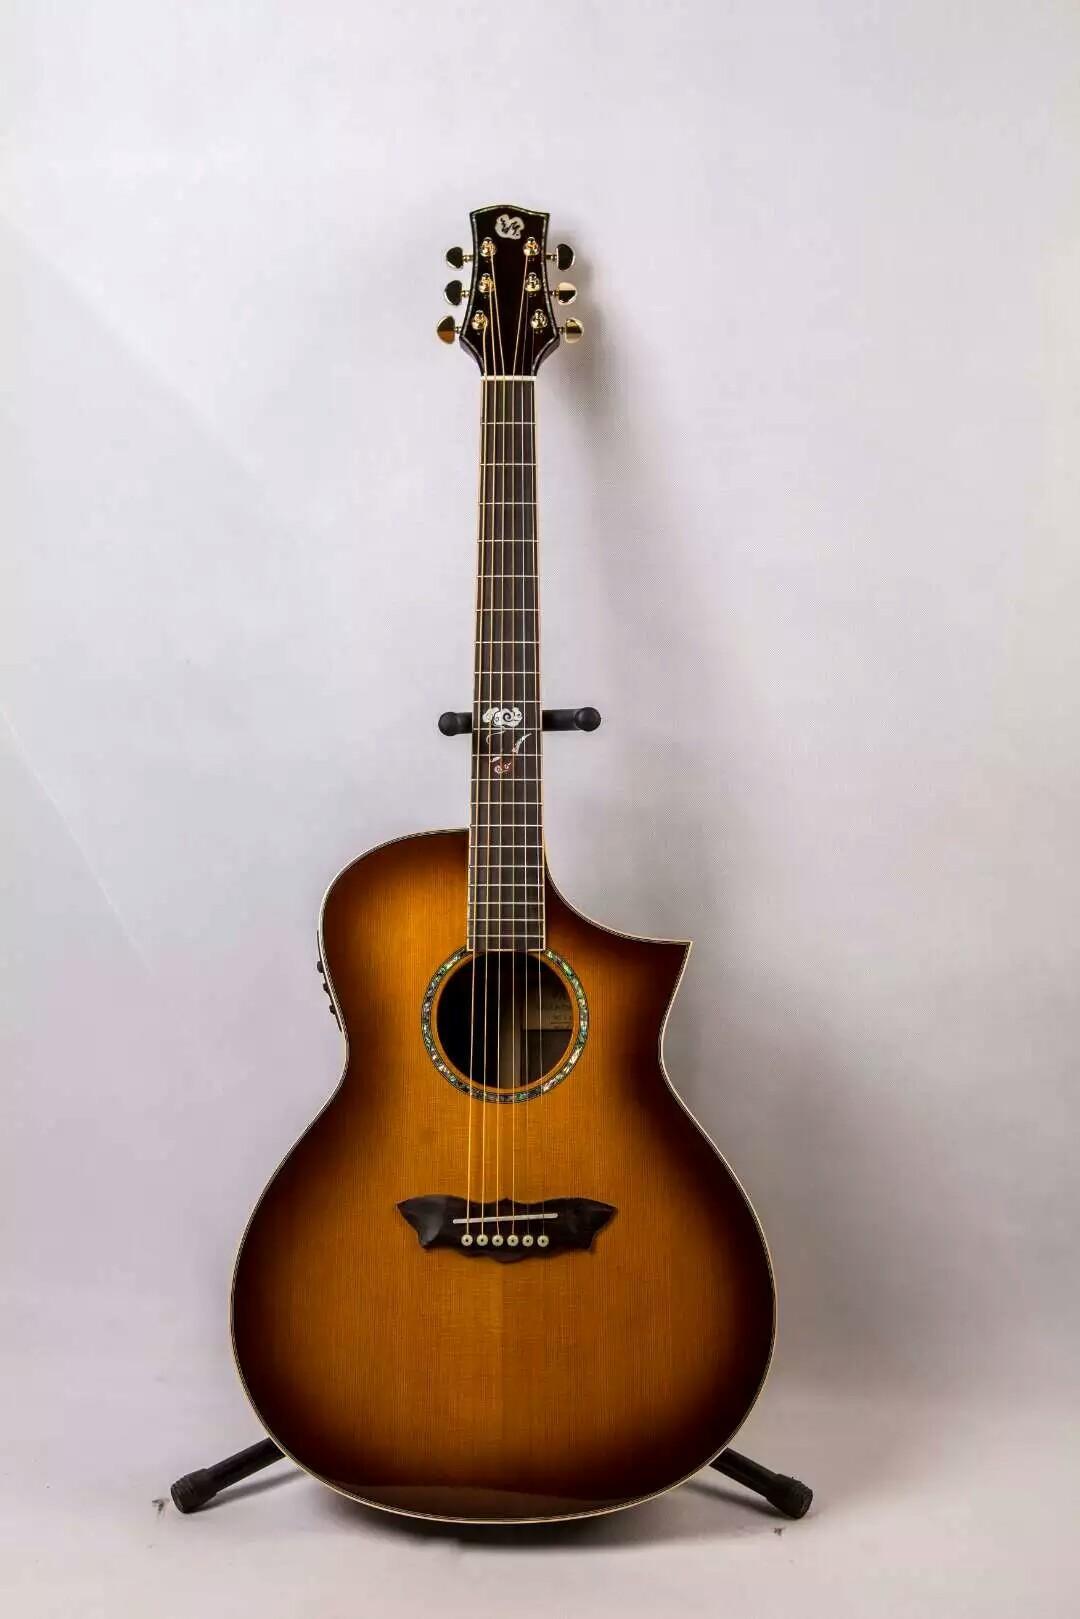 La nouvelle guitare à la main de la rime, le panneau supérieur nuage ouest du vêtement non doublé, le bois de rose indien lientang. L'assurance qualité, non satisfaite peut re